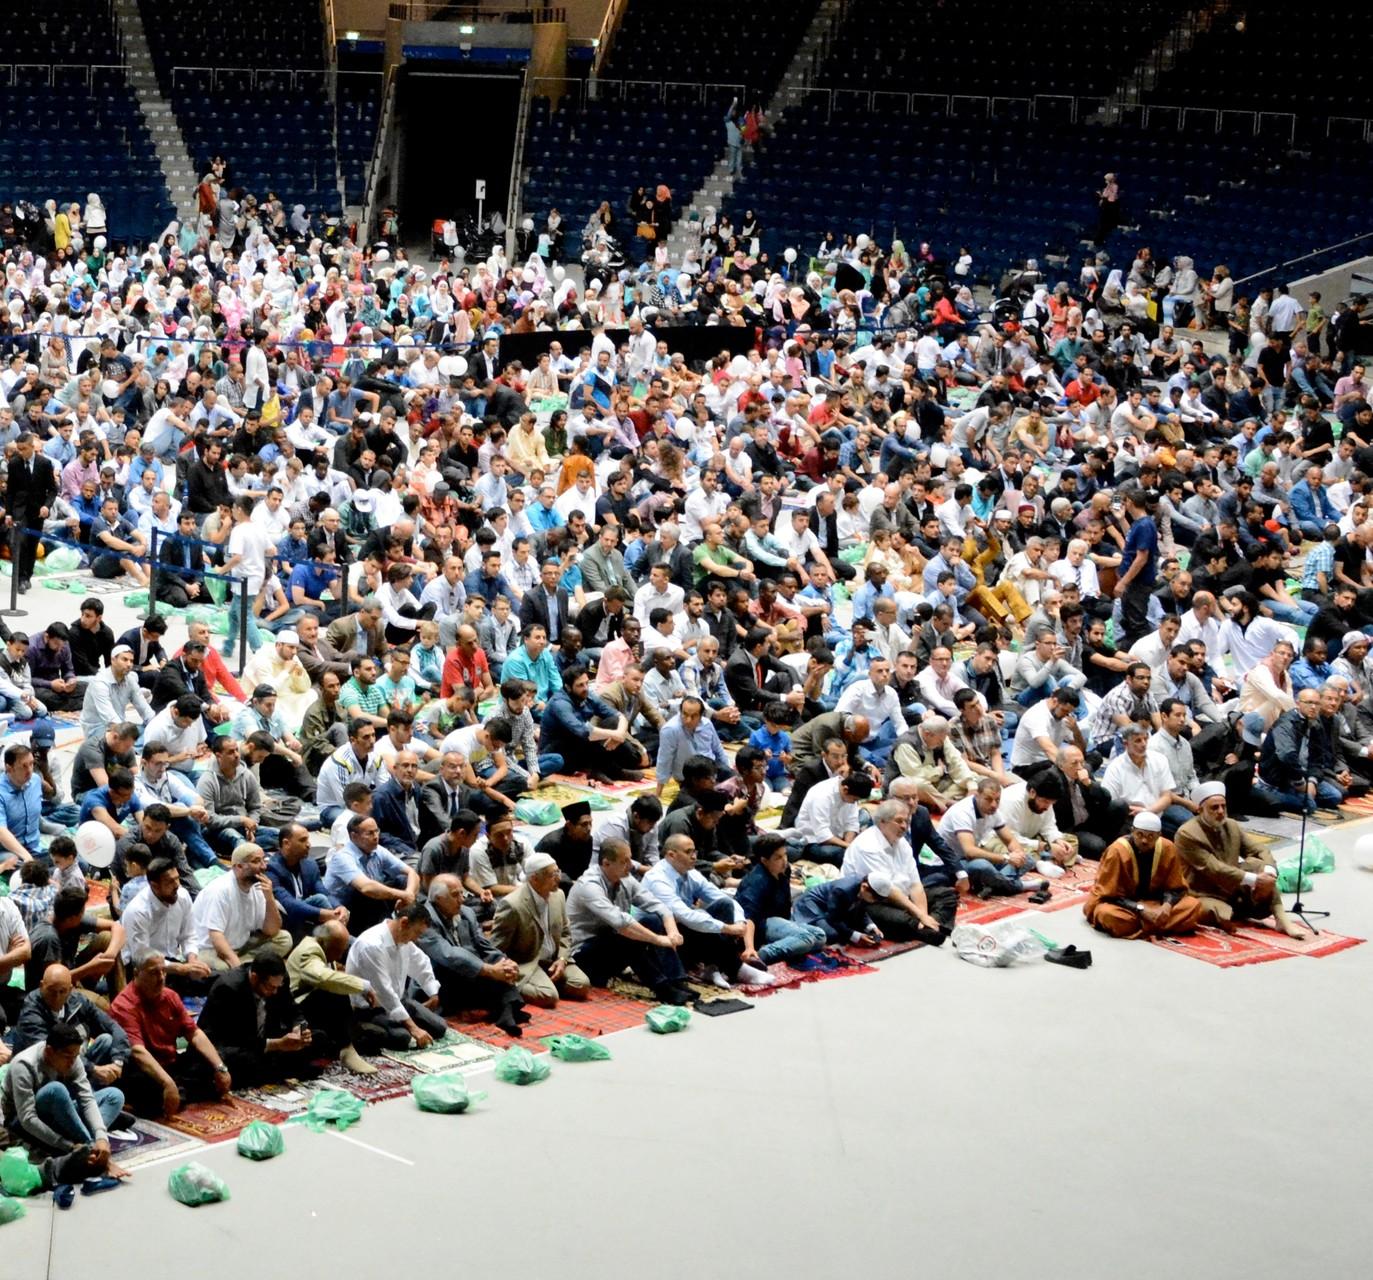 Der Deutschsprachrige Muslimekreis Braunschweig, ein SCHURA-Mitglied, hat am zum Ende des Ramadans am Morgen des 17.07.2015 ein Festgebet in der VW-Halle organisiert. Über 2000 Muslime beteten gemeinsam anläßlich des Fastenbrechen-Festes.